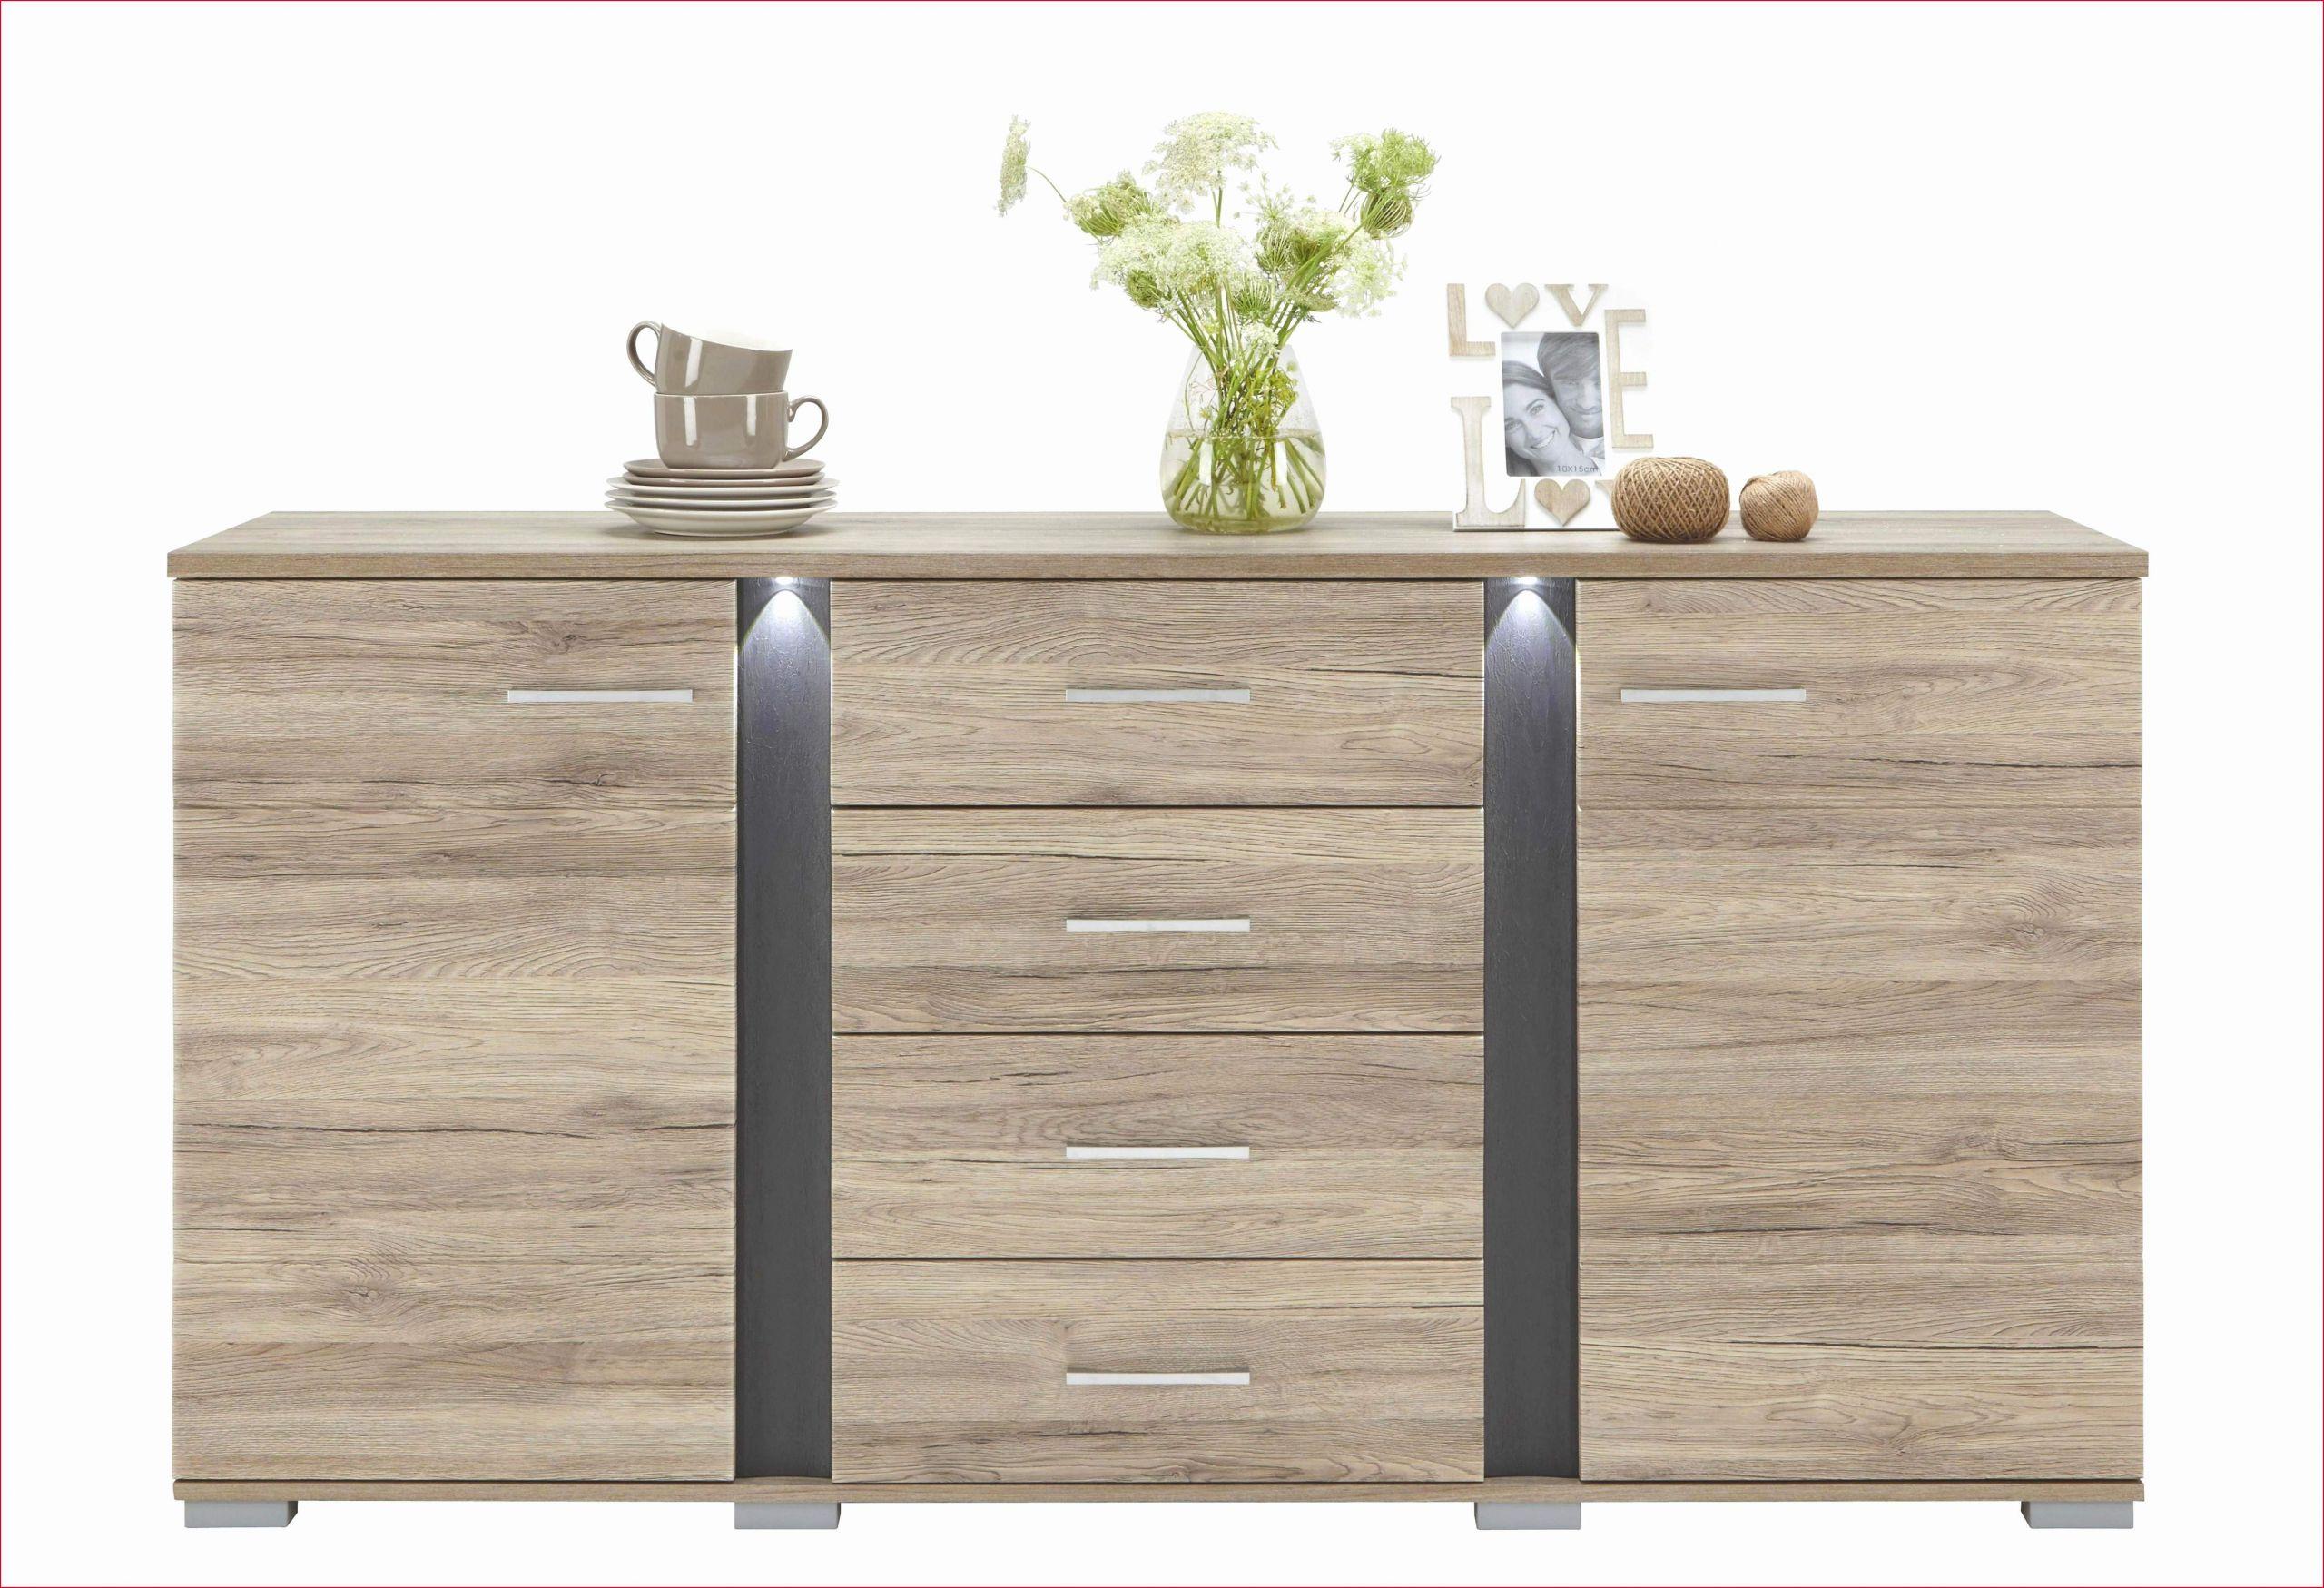 Full Size of Deko Sideboard Wohnzimmer Inspirierend Wie Zu Hnge Kommode Fotos Küche Mit Arbeitsplatte Wanddeko Für Badezimmer Dekoration Schlafzimmer Wohnzimmer Deko Sideboard